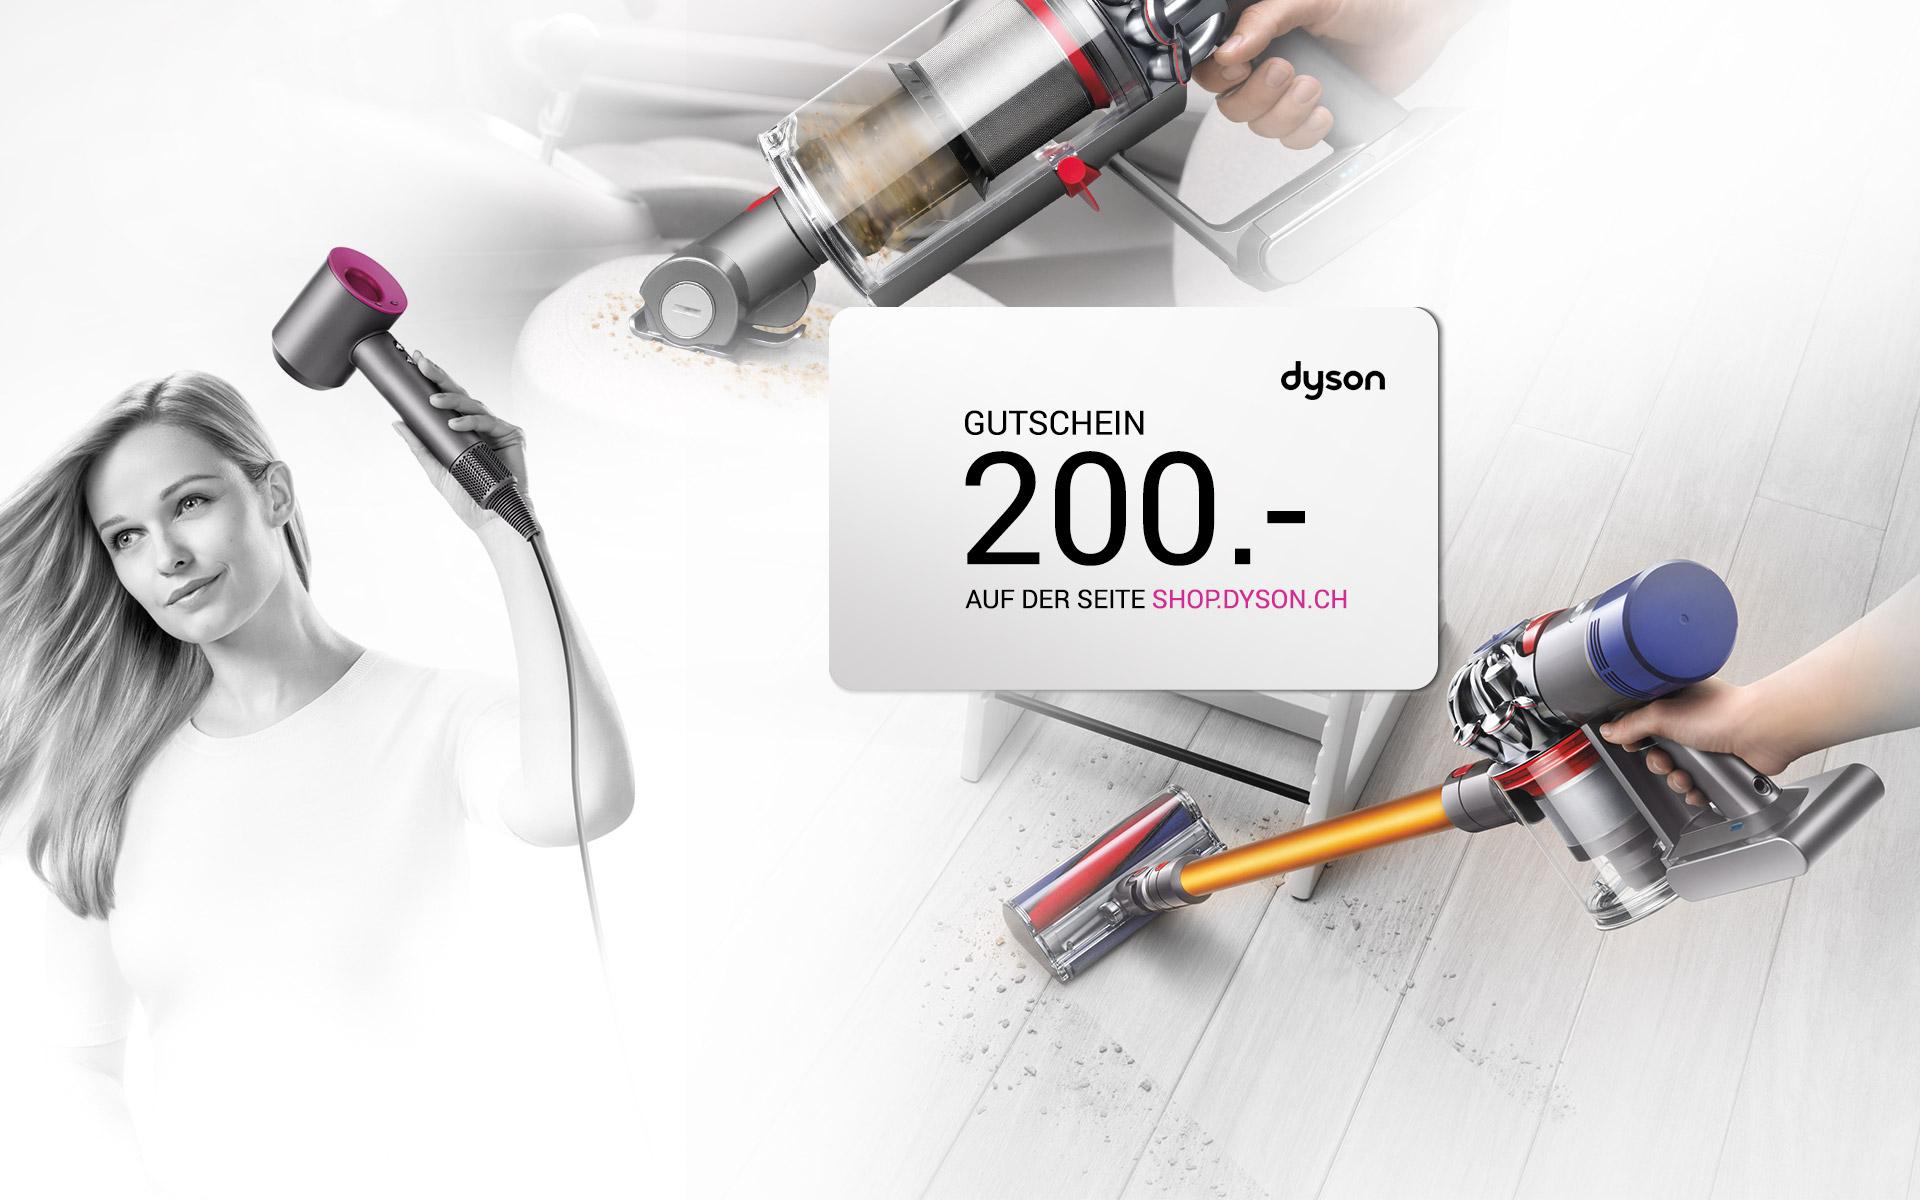 DYSON Gutschein im Wert von 178.00 EUR - (CH-DEAL) auf Dyson Website